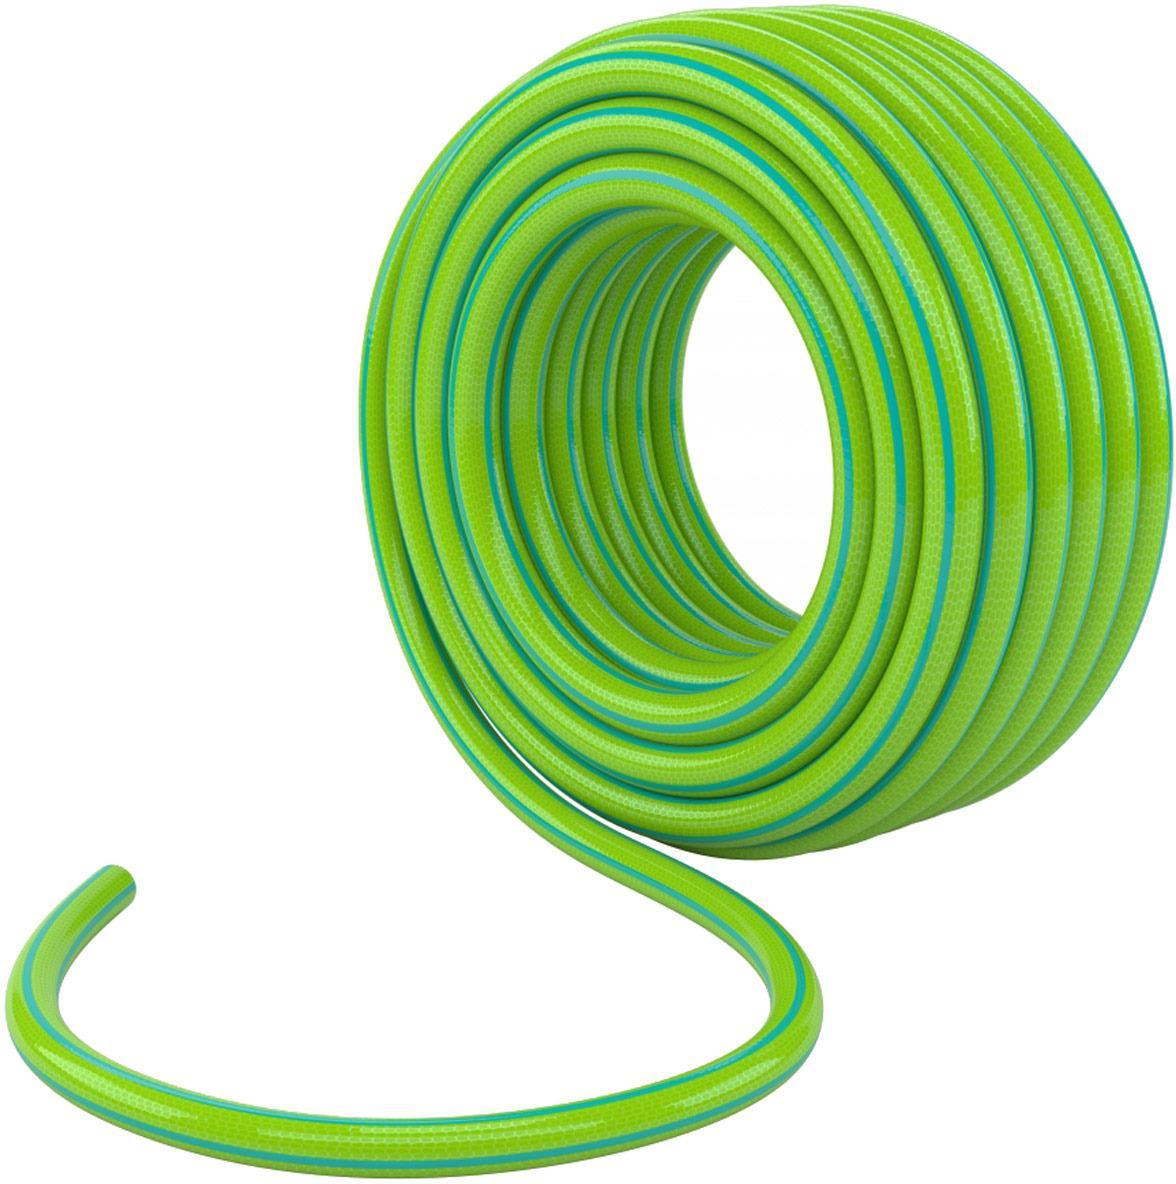 Шланг поливочный Palisad, цвет: зеленый, длина 15 м. 67644 ножницы palisad 60573